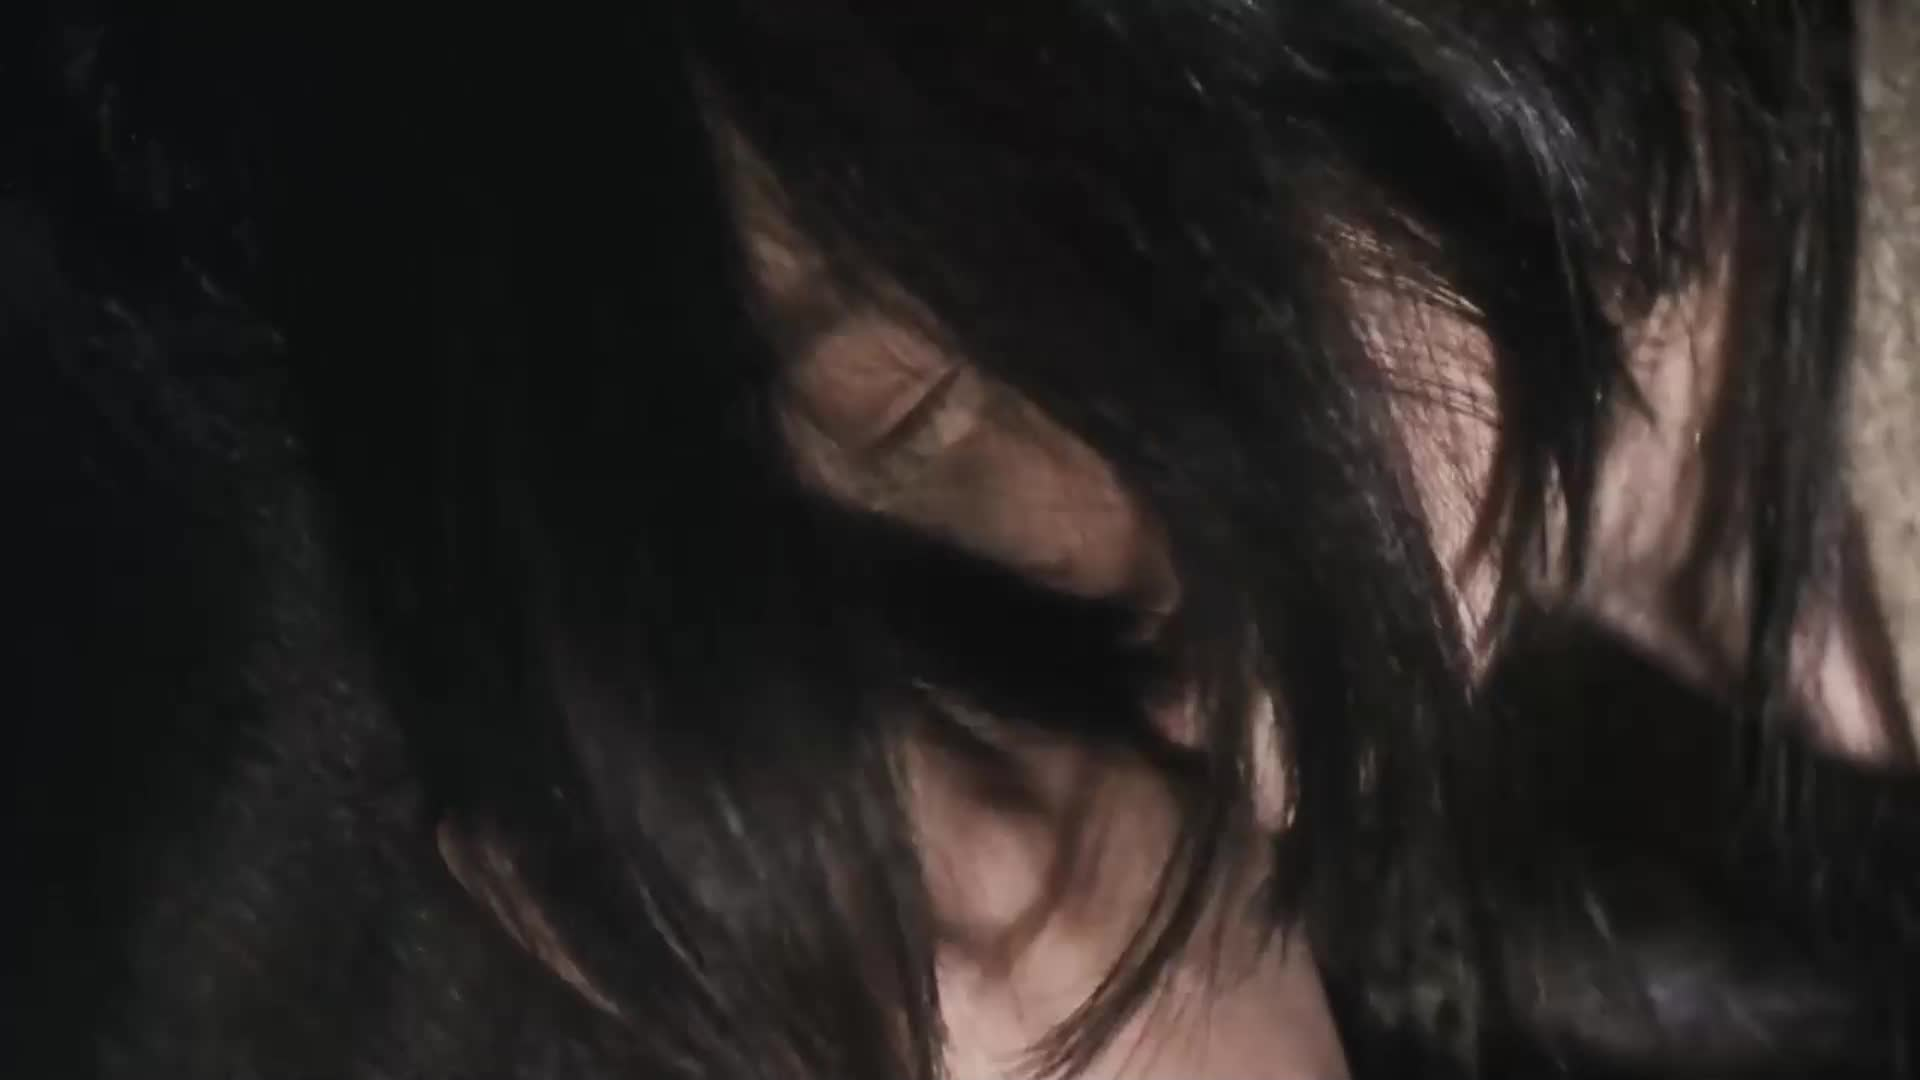 东邪西毒:跟马也能发生感情,早期的刘嘉玲口味太重了!